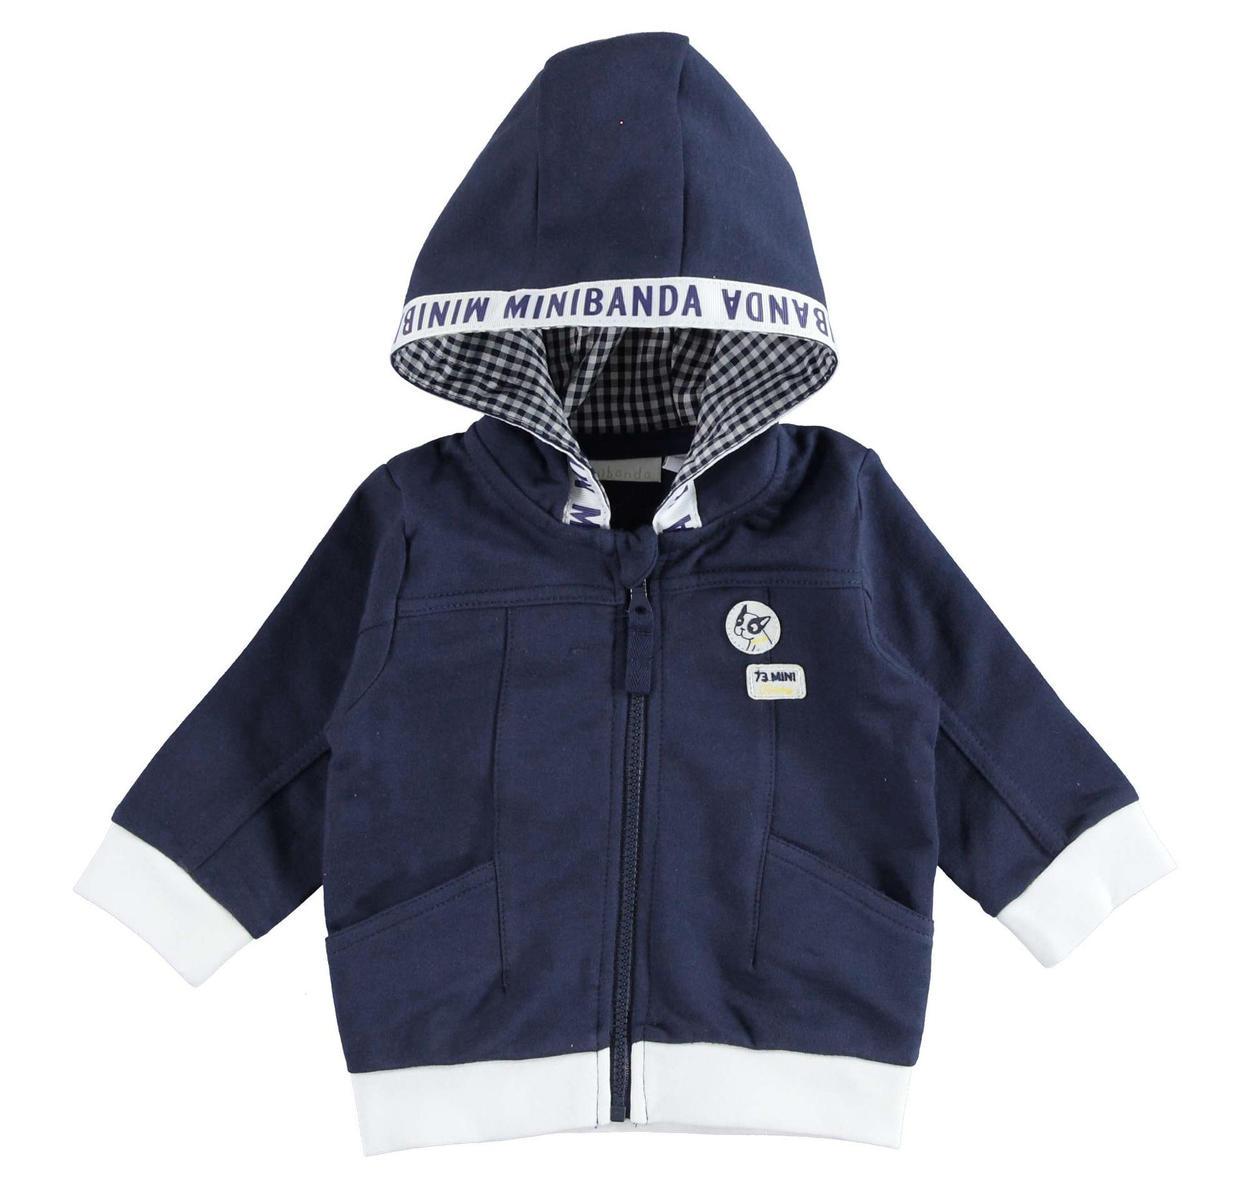 design innovativo c646a 24cc3 Felpa neonato in tessuto non garzato 100% cotone vestibilità da 0 a 24 mesi  Minibanda